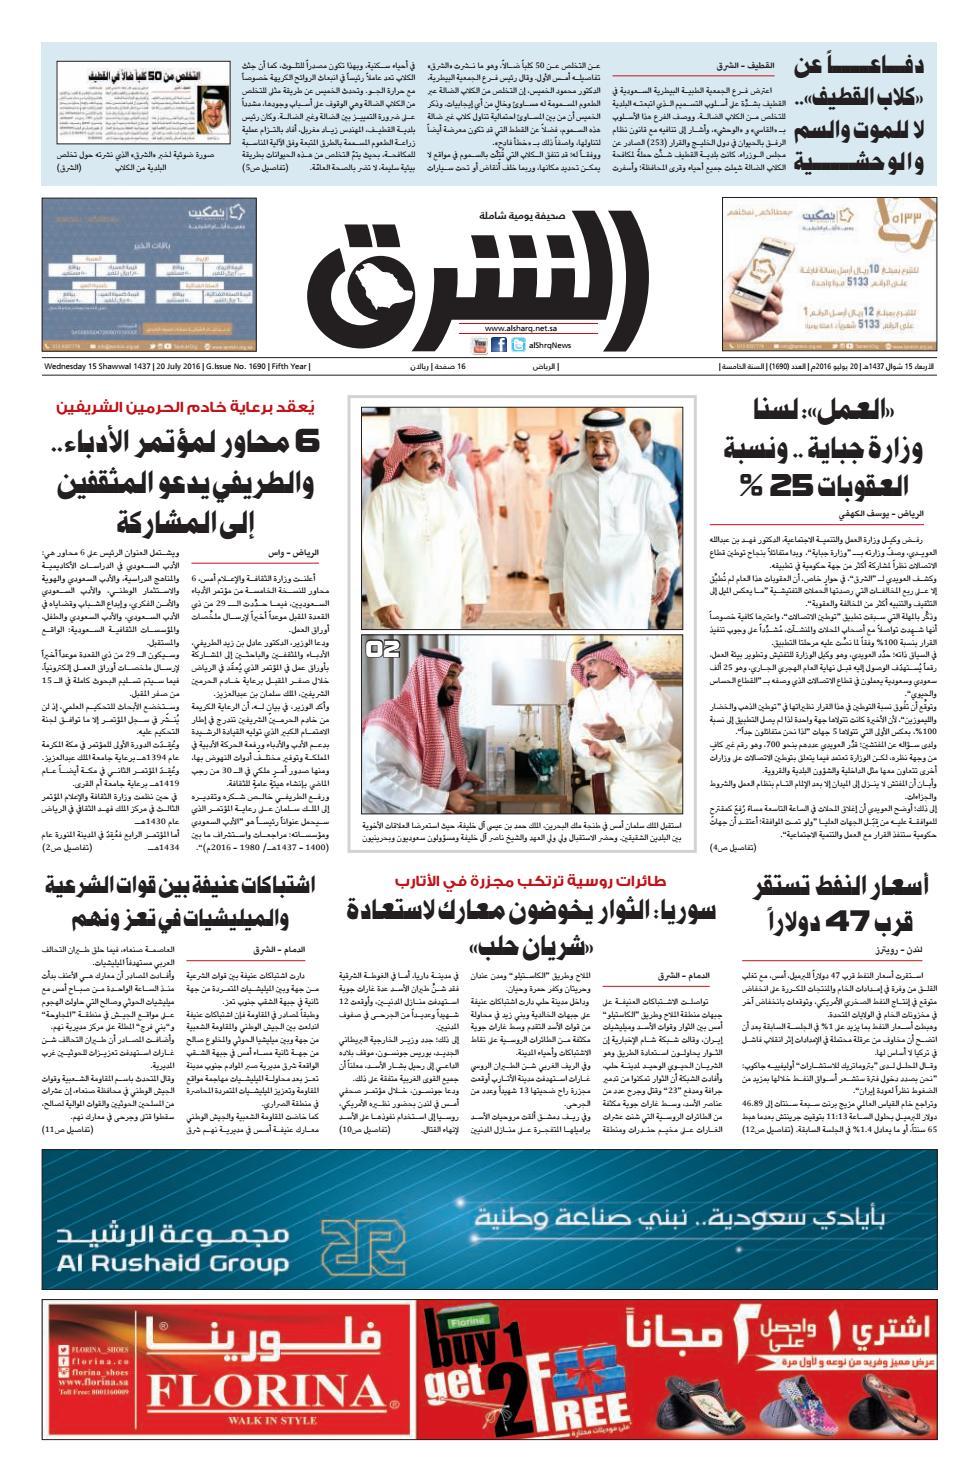 ac82e9890 صحيفة الشرق - العدد 1690 - نسخة الرياض by صحيفة الشرق السعودية - issuu